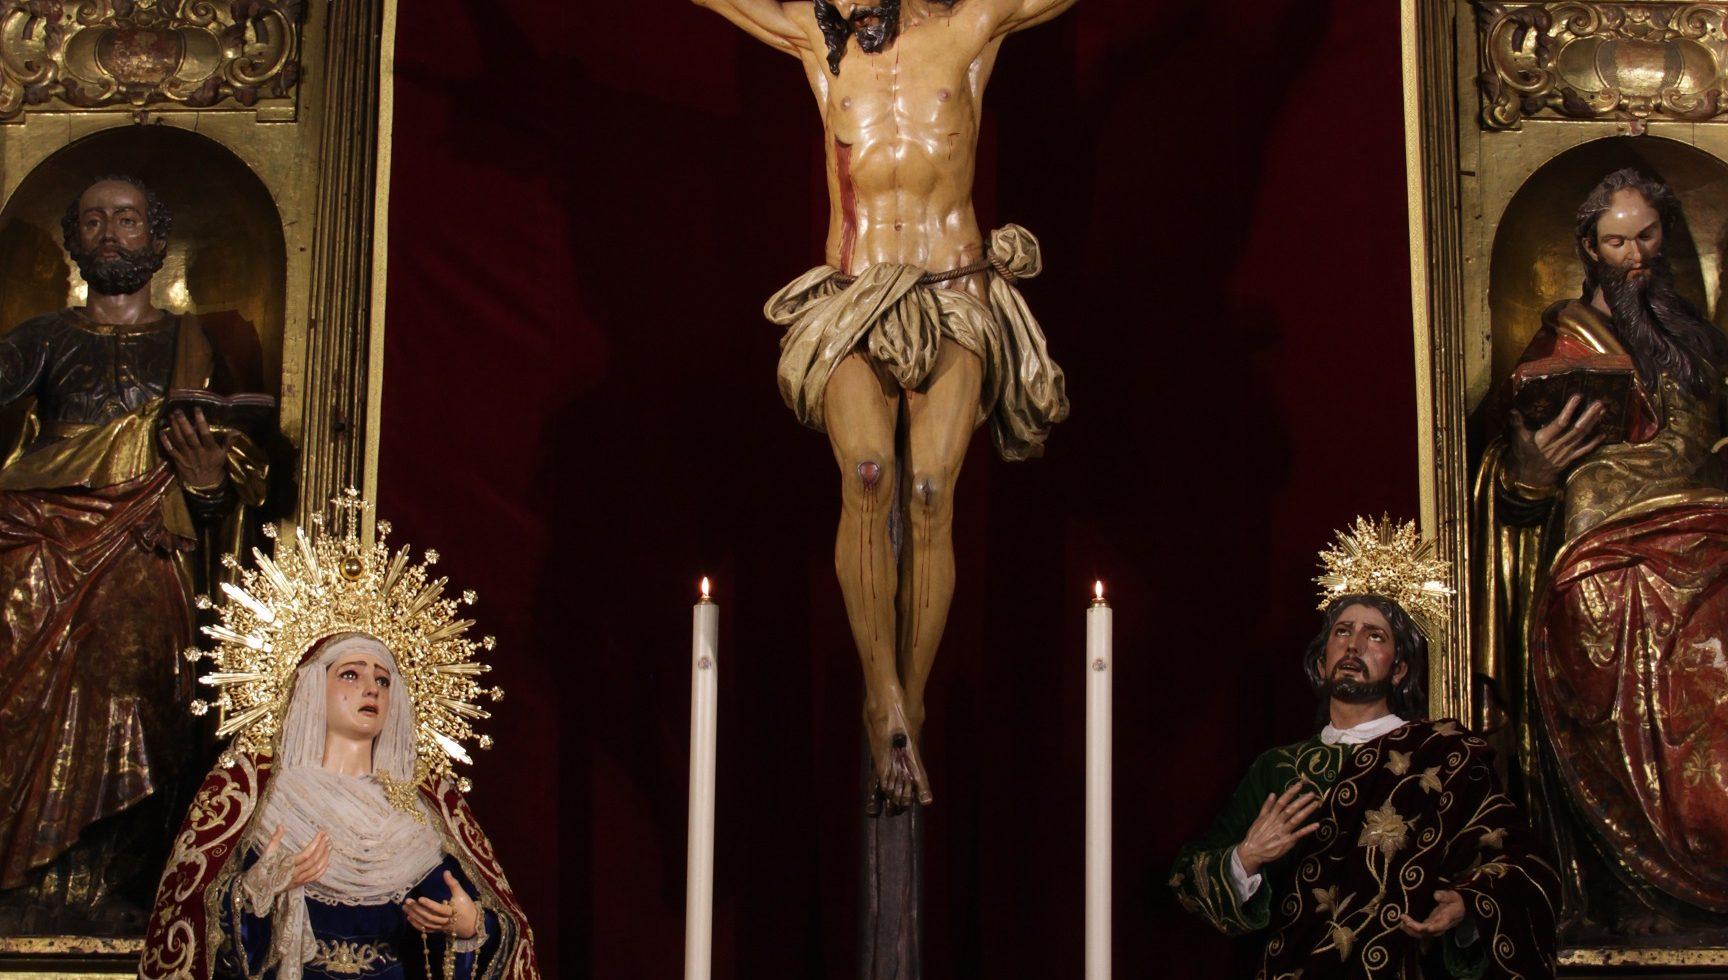 Aprobada en Cabildo General la salida de extraordinaria por el 425 aniversario fundacional de la Sagrada Lanzada